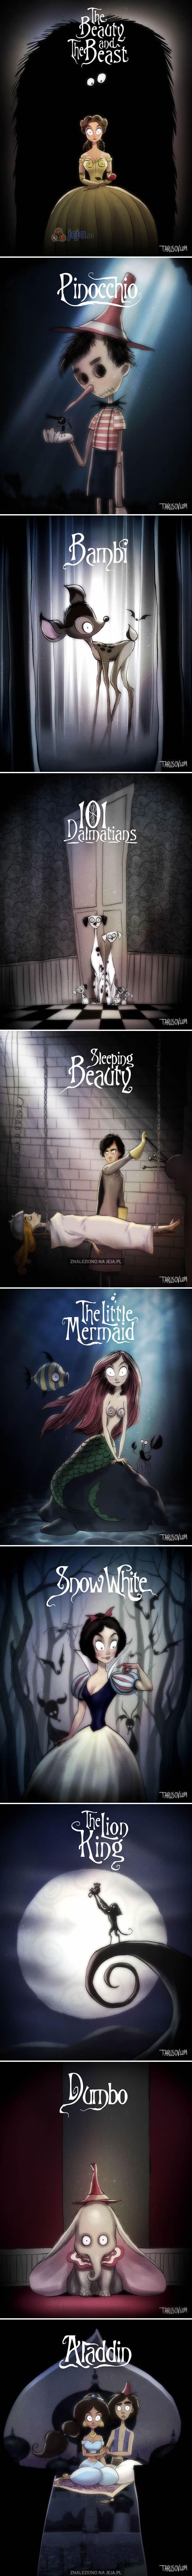 Gdyby Tim Burton nakręcił filmy Disneya